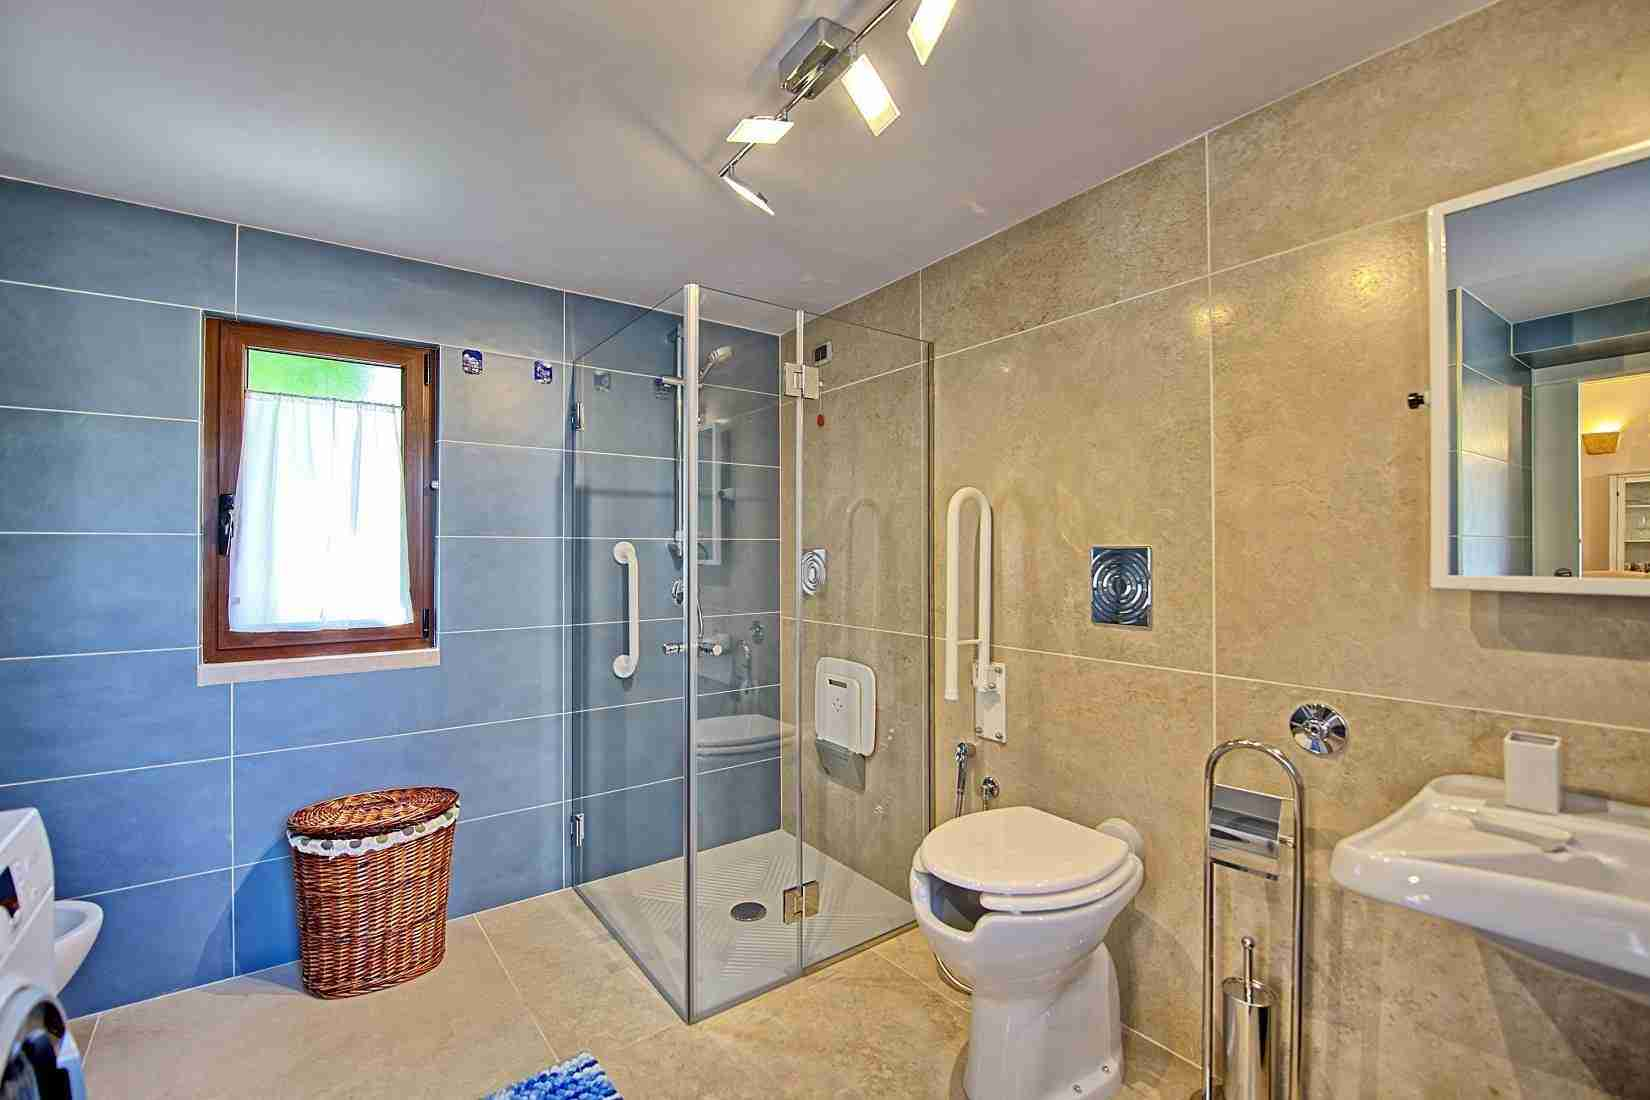 17 Colin bathroom